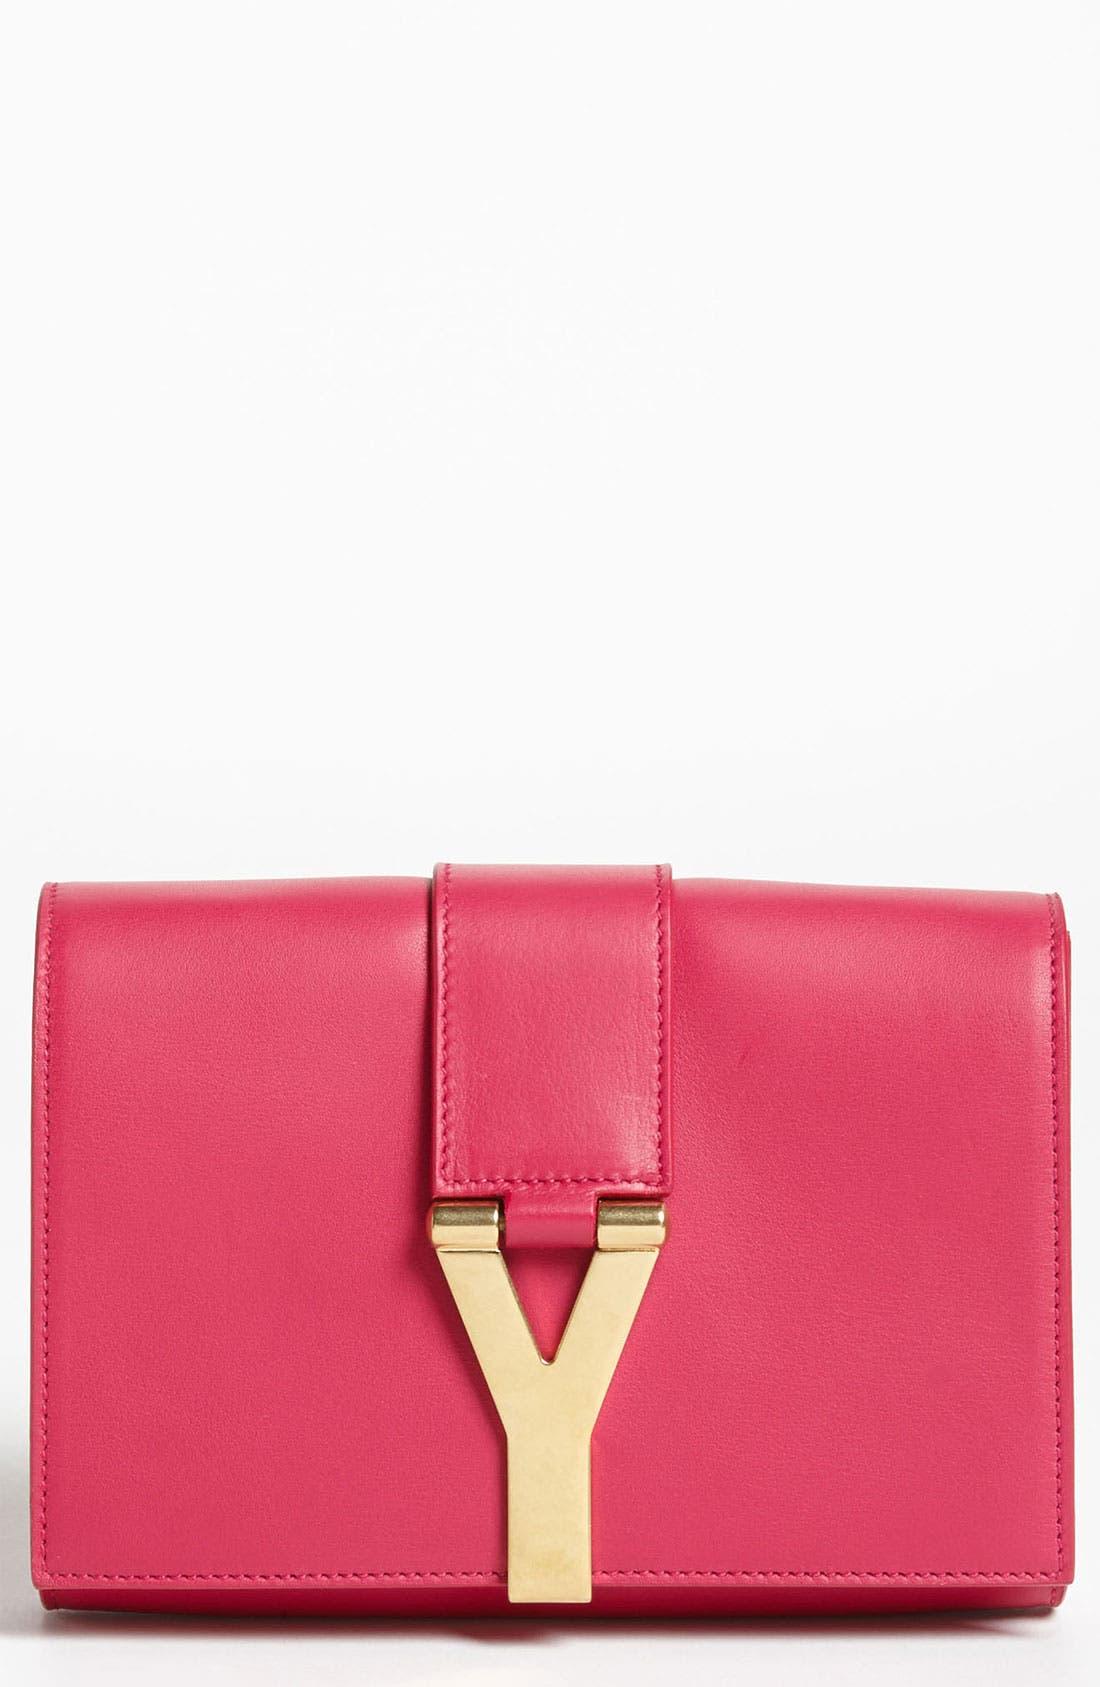 Main Image - Saint Laurent 'Y Chain - Mini' Leather Handbag